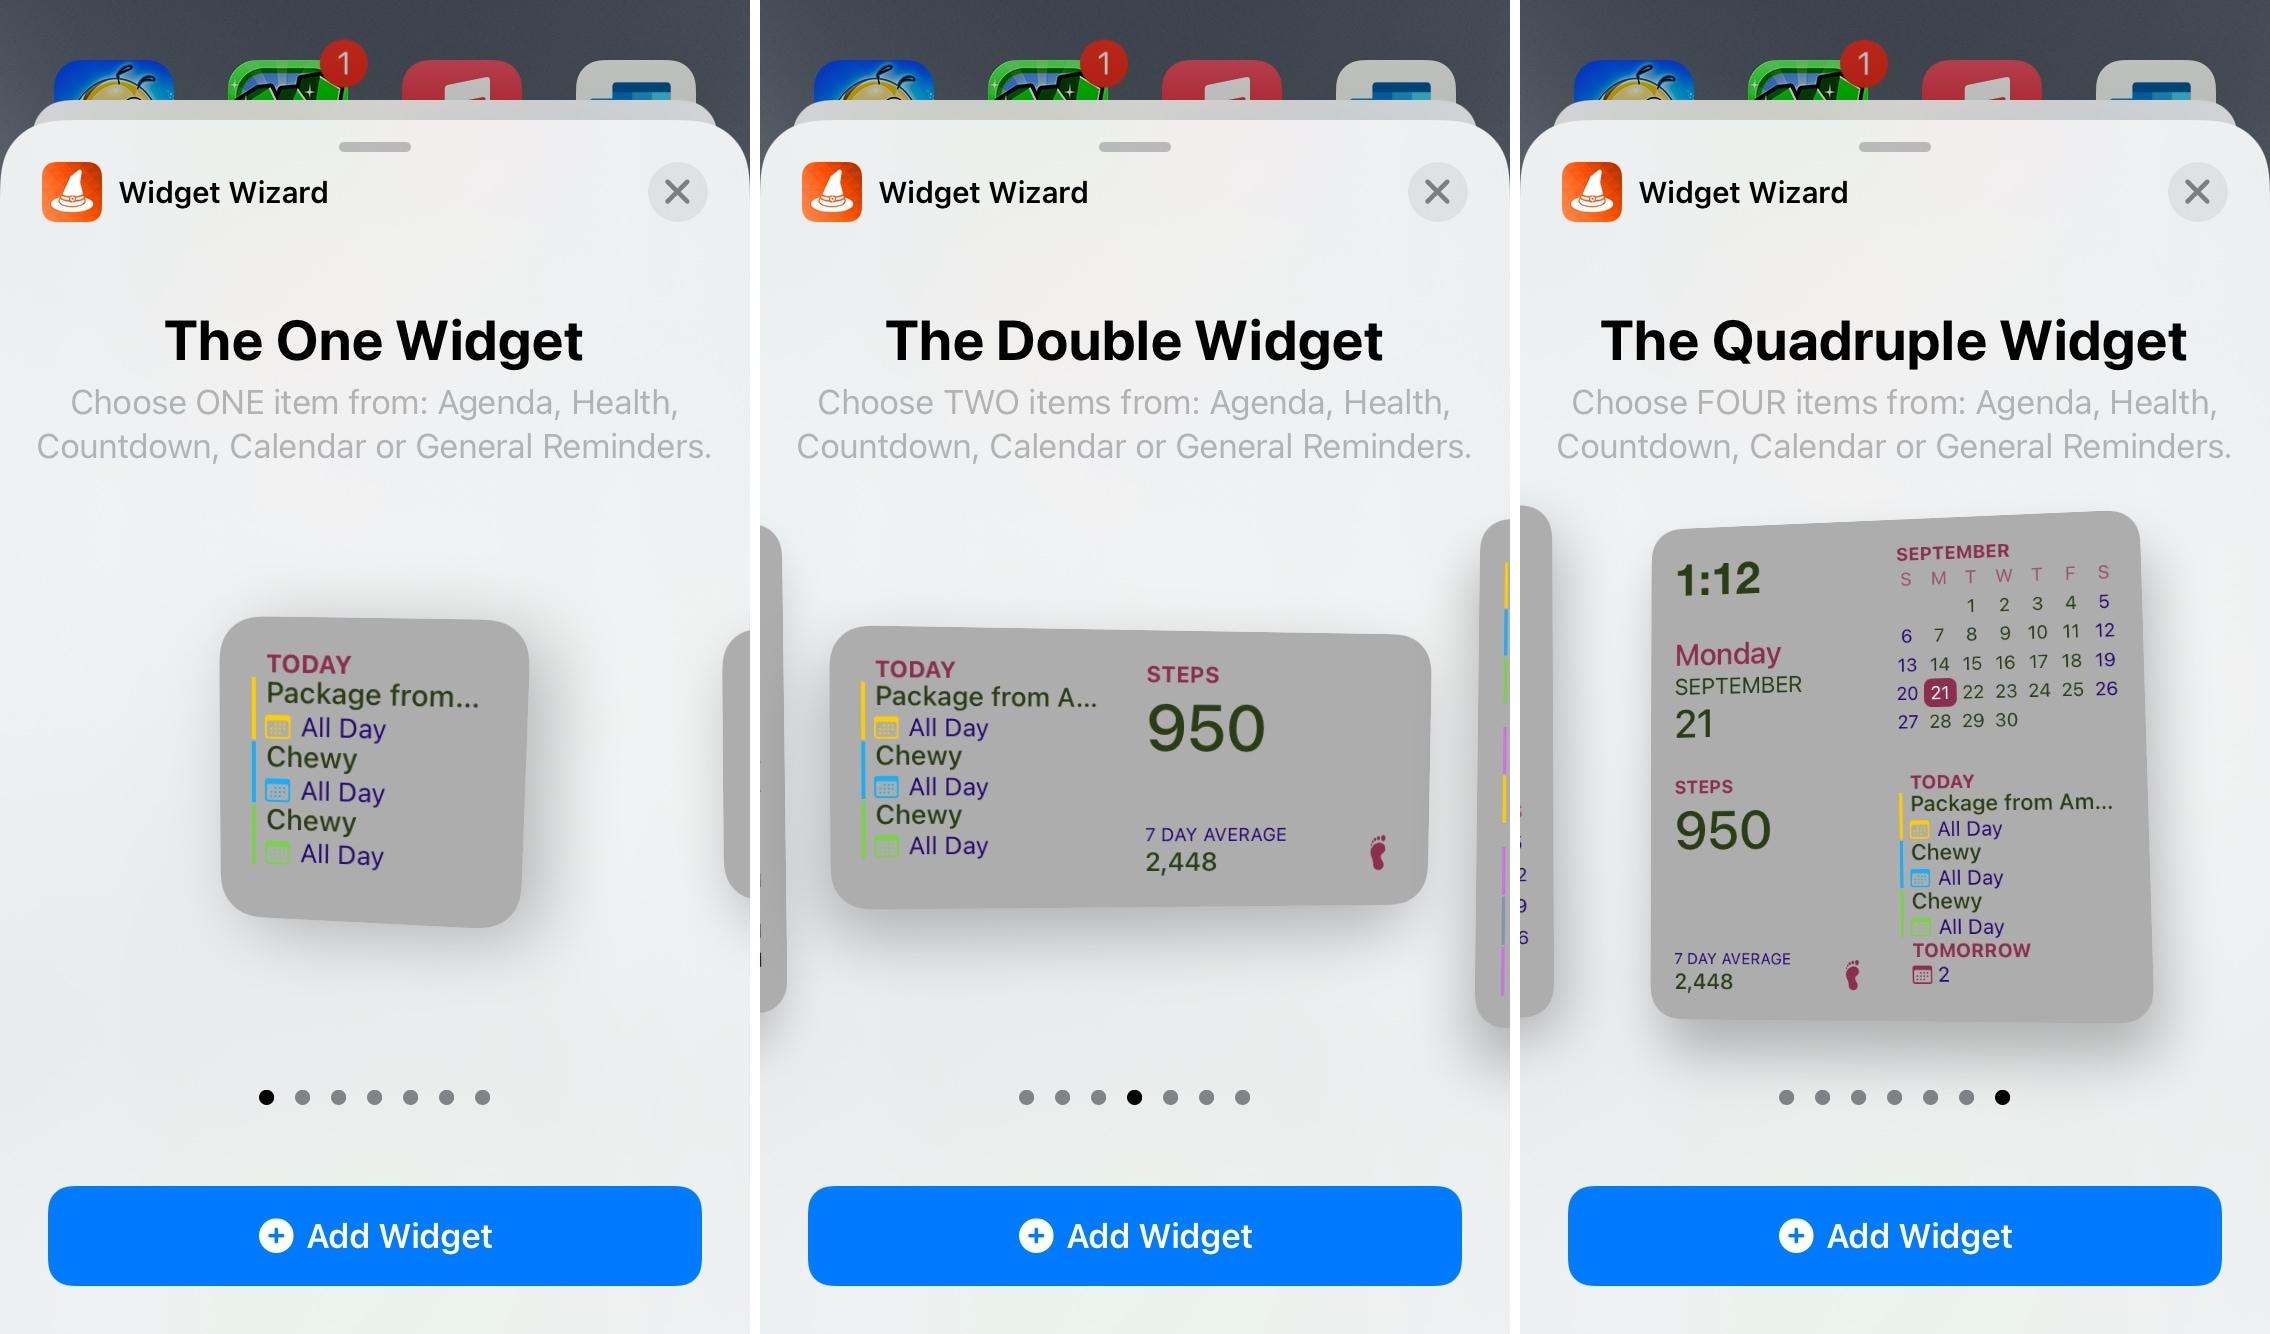 Widget Wizard Available Widgets